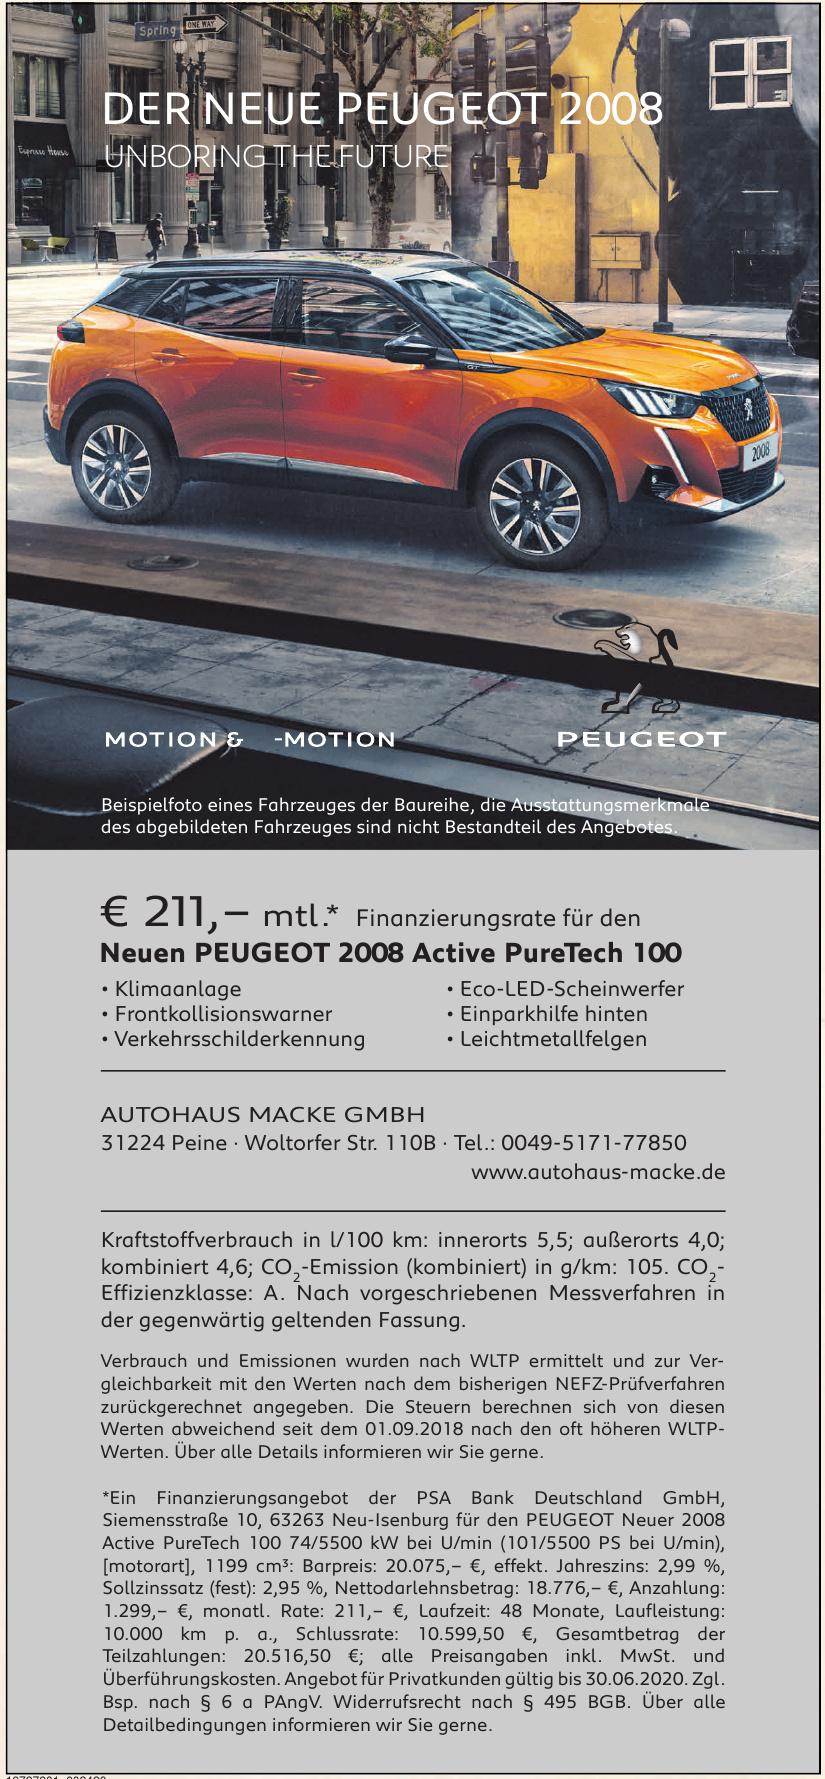 Autohaus Macke GmbH